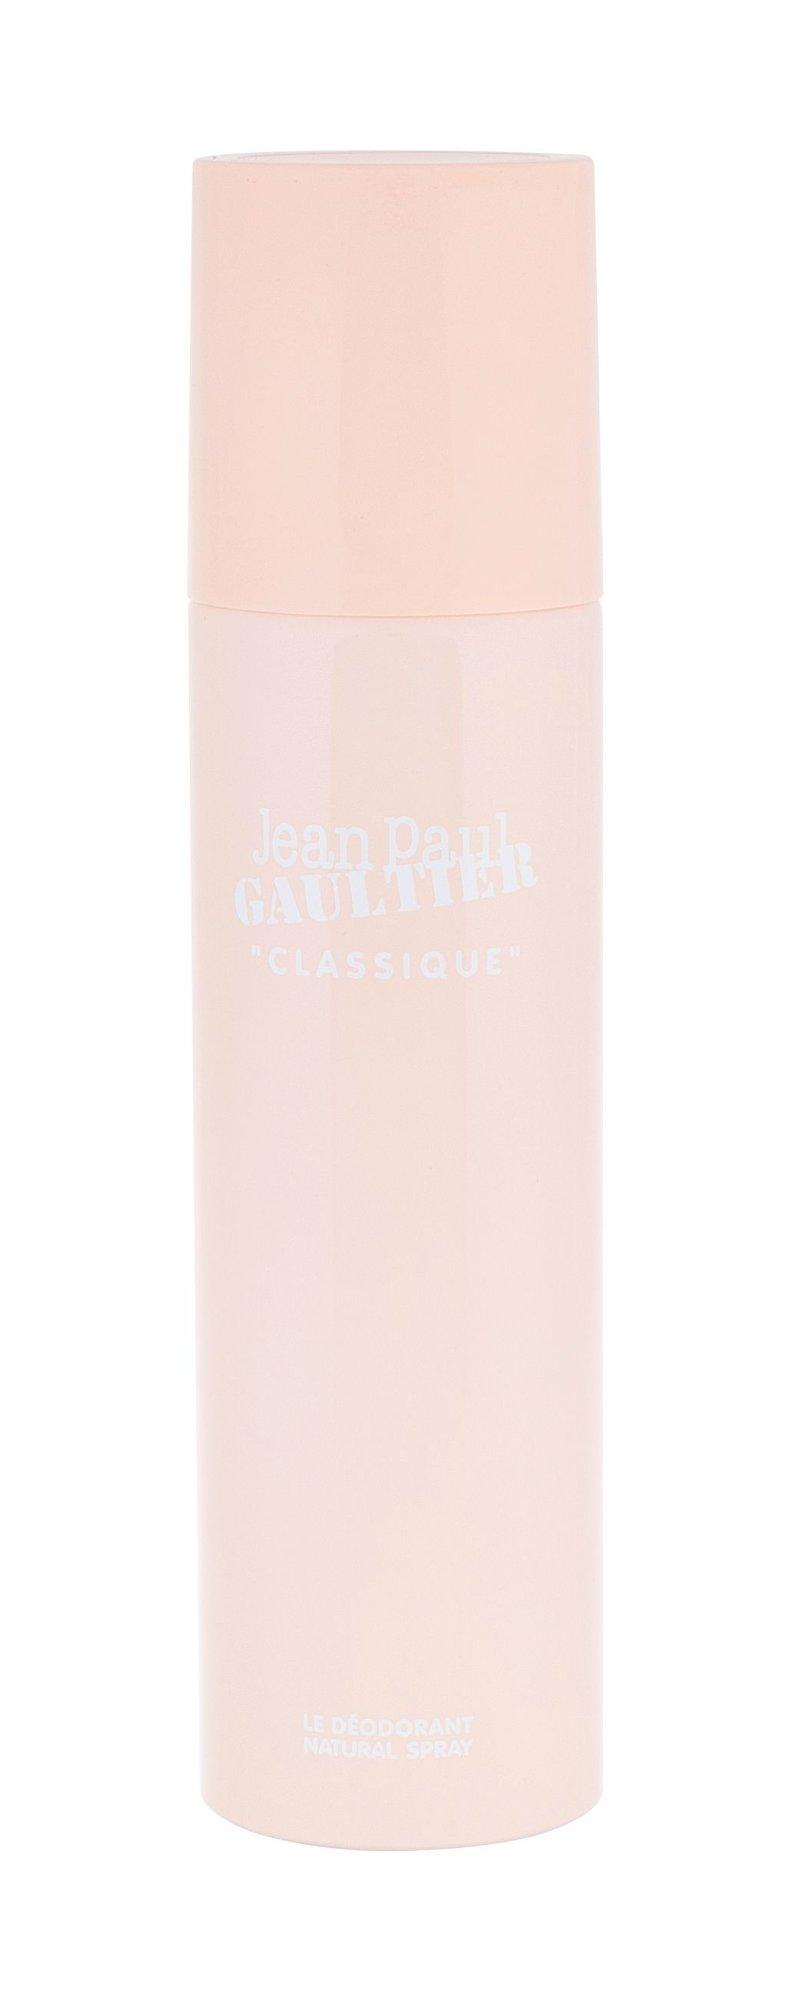 Jean Paul Gaultier Classique Deodorant 150ml